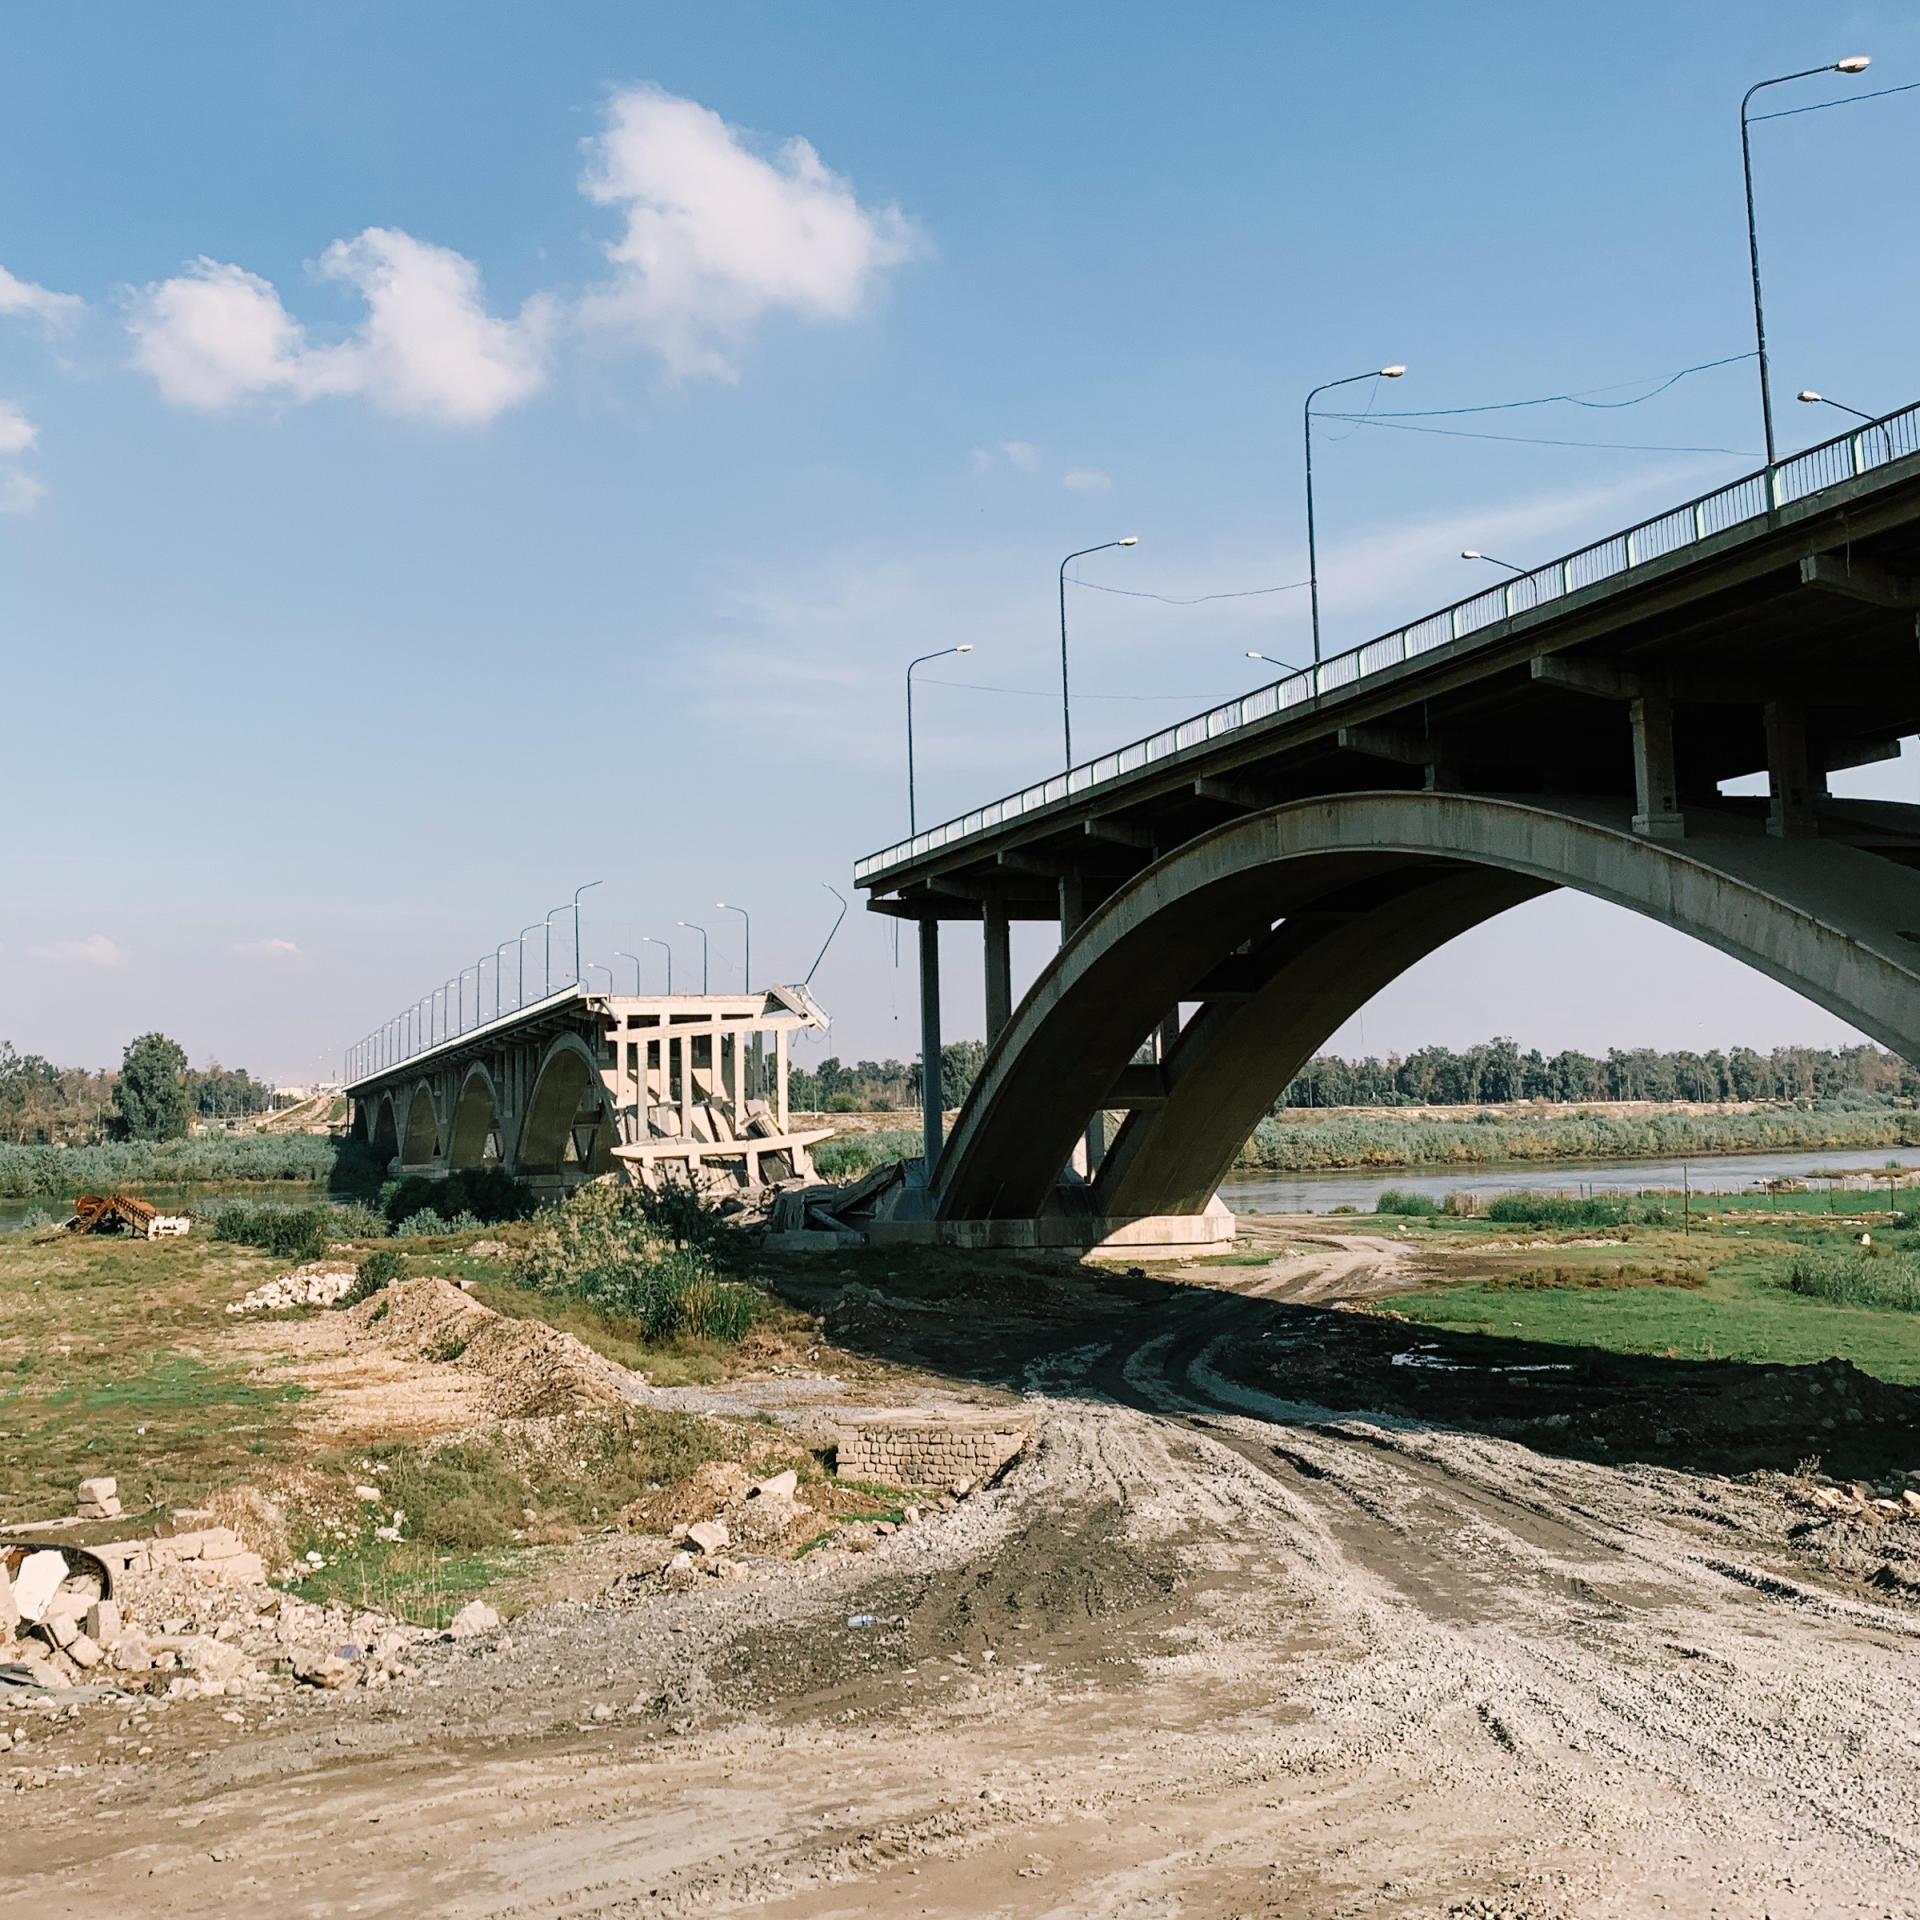 Le pont qui réunissait les parties ouest et est de Mossoul, détruit pendant la guerre, est resté à l'abandon.ALEXANDRA ROSE HOWLAND POUR LE MONDE